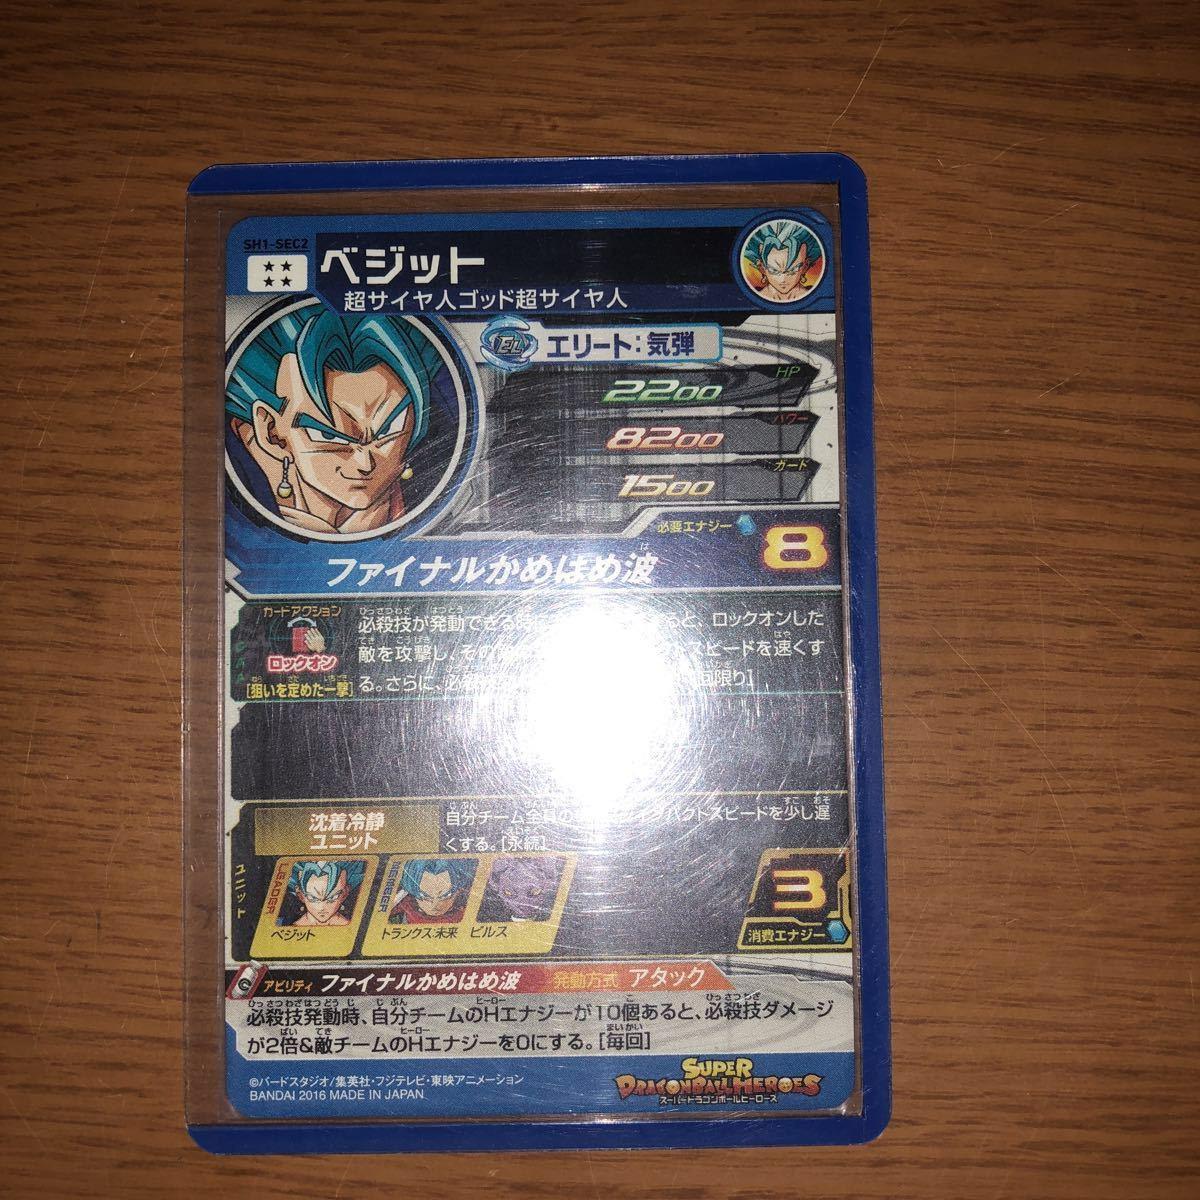 ★1円スタート★ドラゴンボールヒーローズ ベジットブルー ブルベジ SEC SH1-SEC2 ベジット 3枚セット_画像3